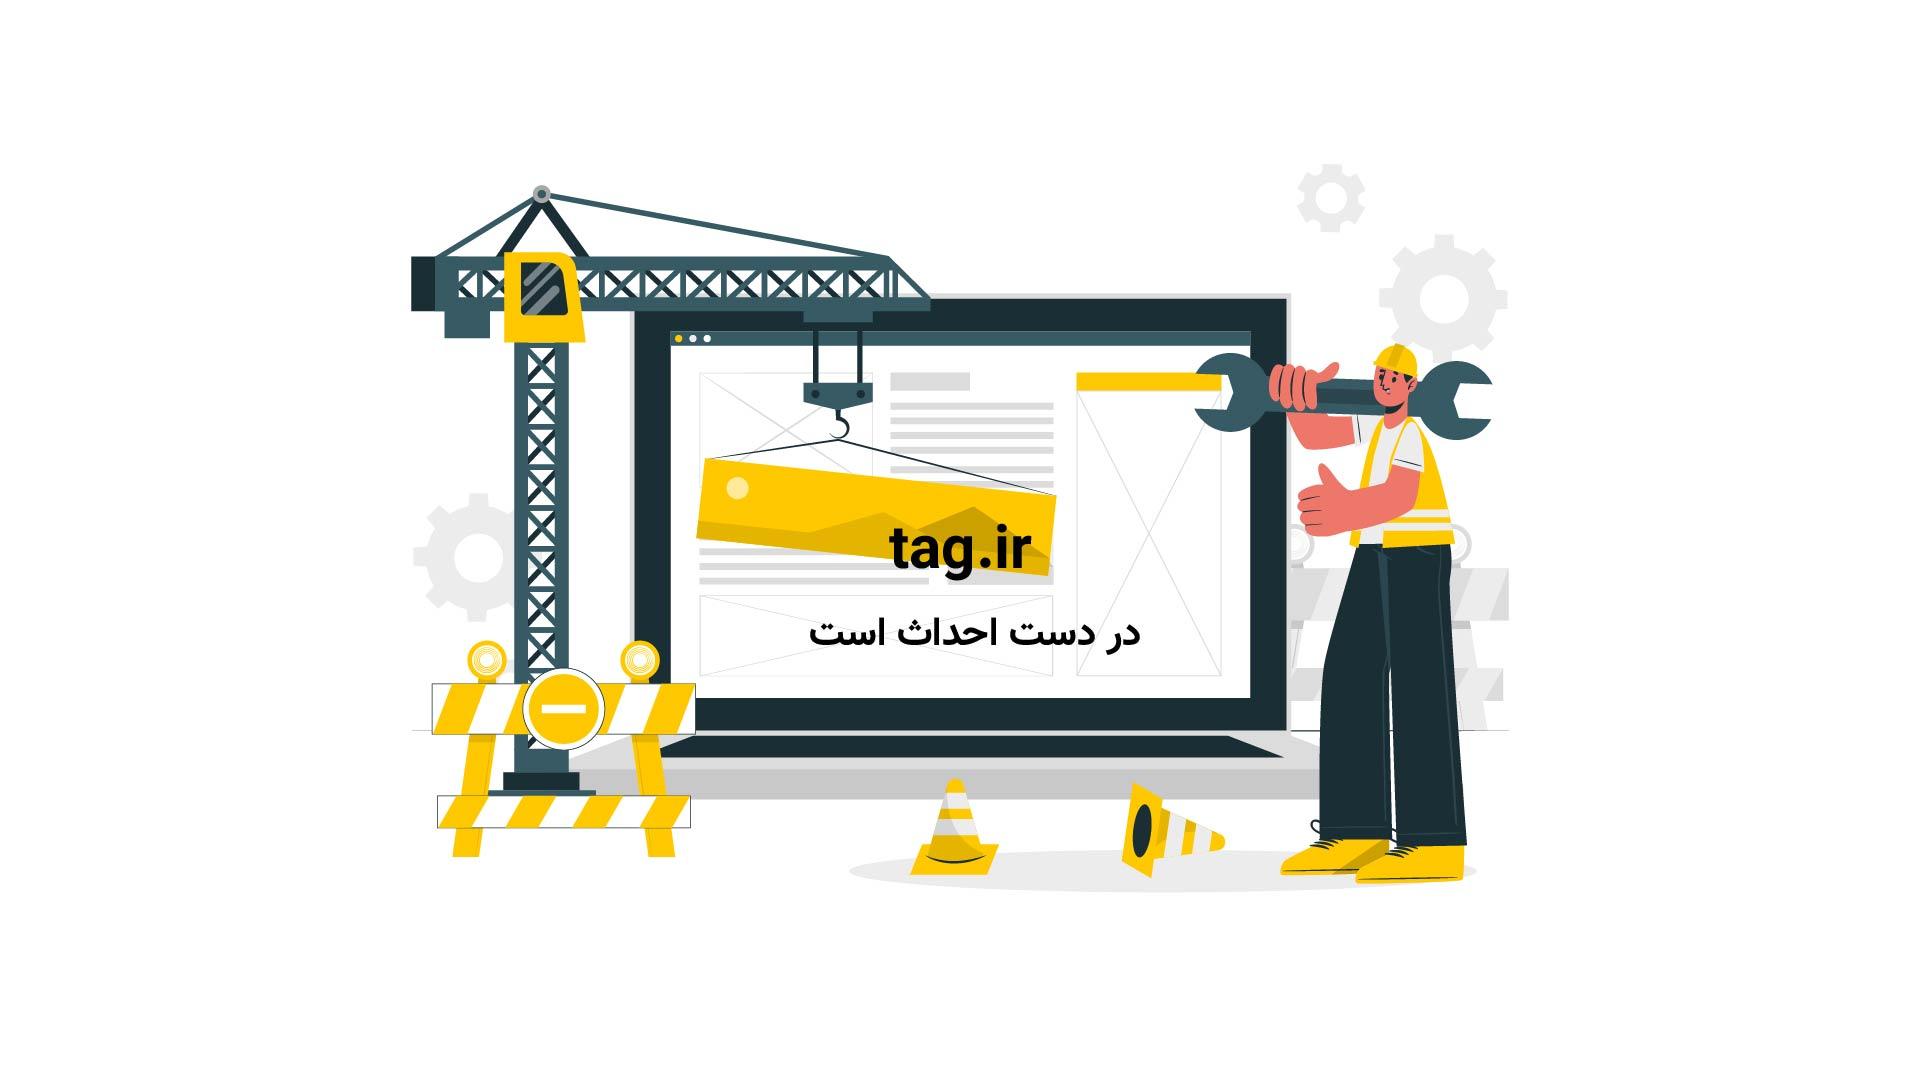 نقاشی تفنگ | تگ